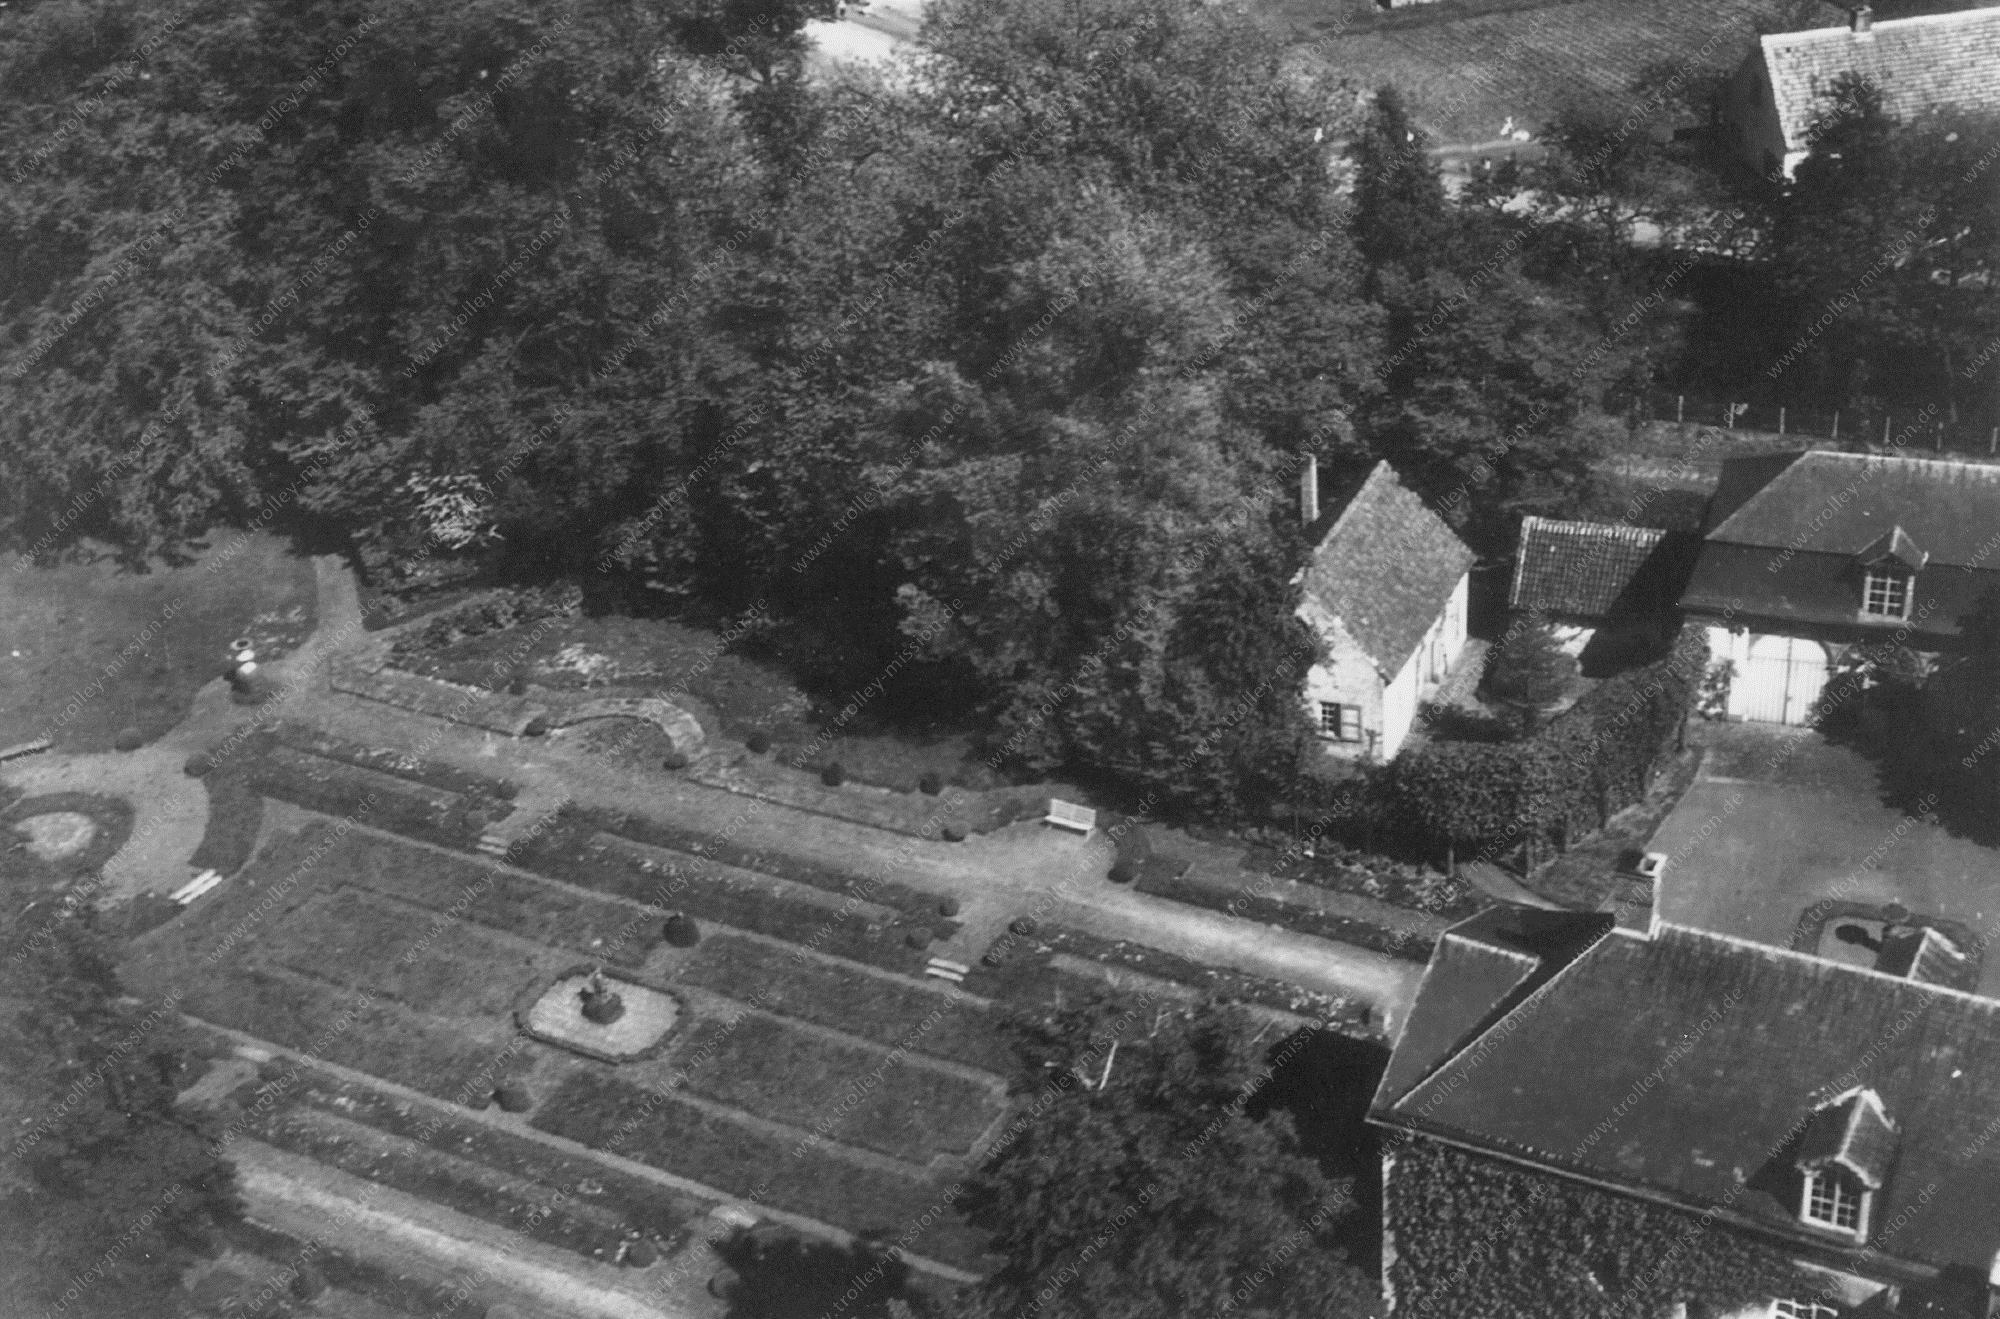 Unbekanntes Luftbild Garten bzw. Gartenanlage